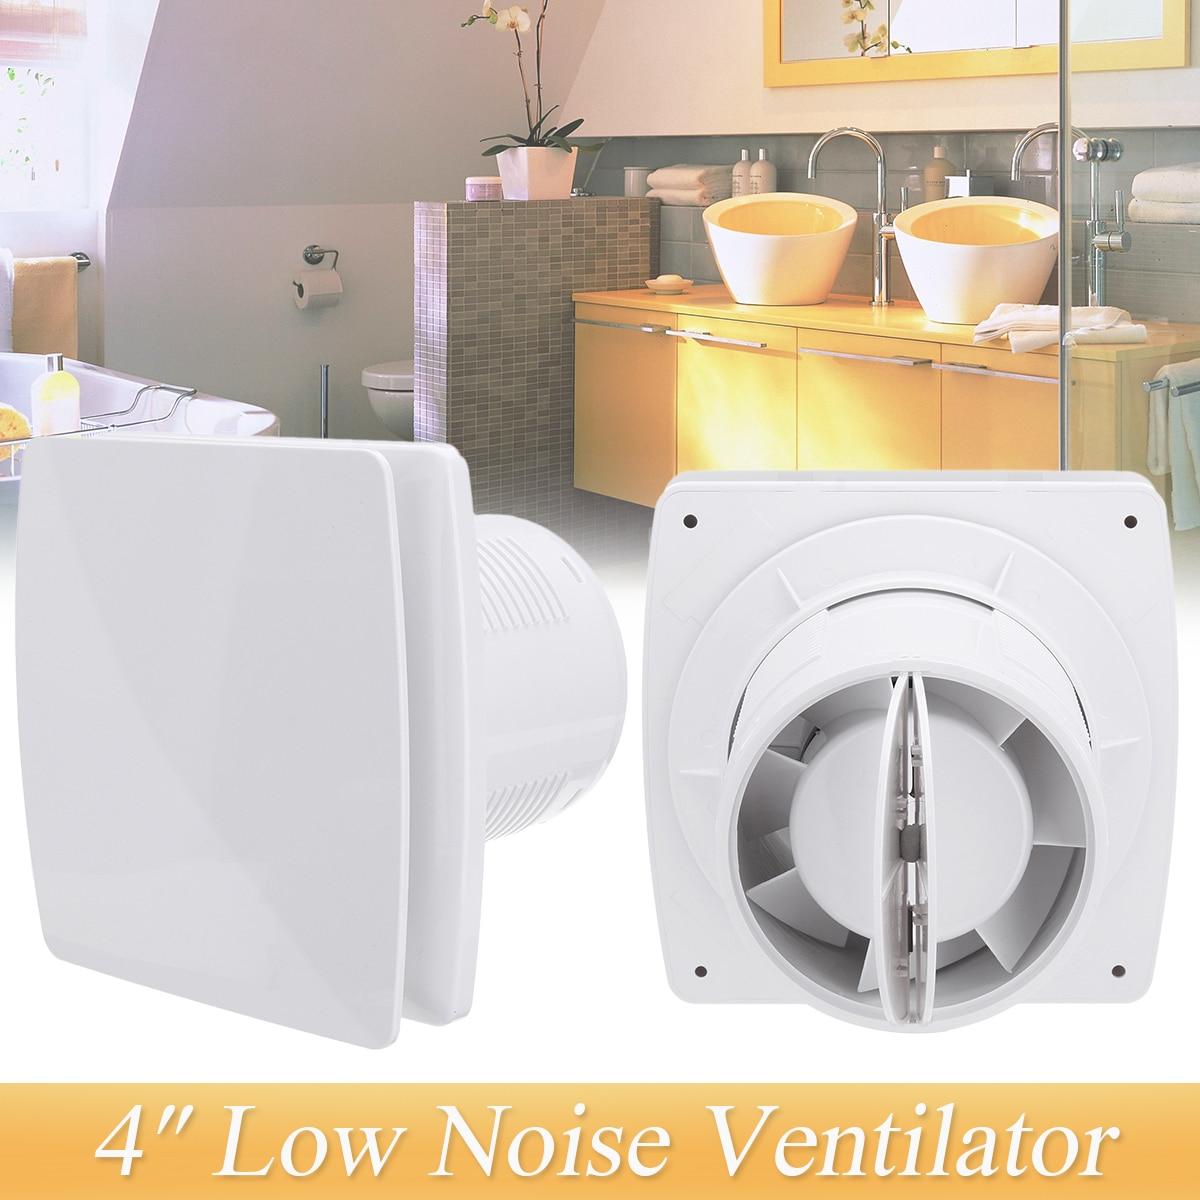 4 Inch 6 Inch Duct Fan 220V Ventilator Exhaust Fan Vent Blower Air Ventilation Home Bathroom Kitchen Toilet Wall Fan Low Noise